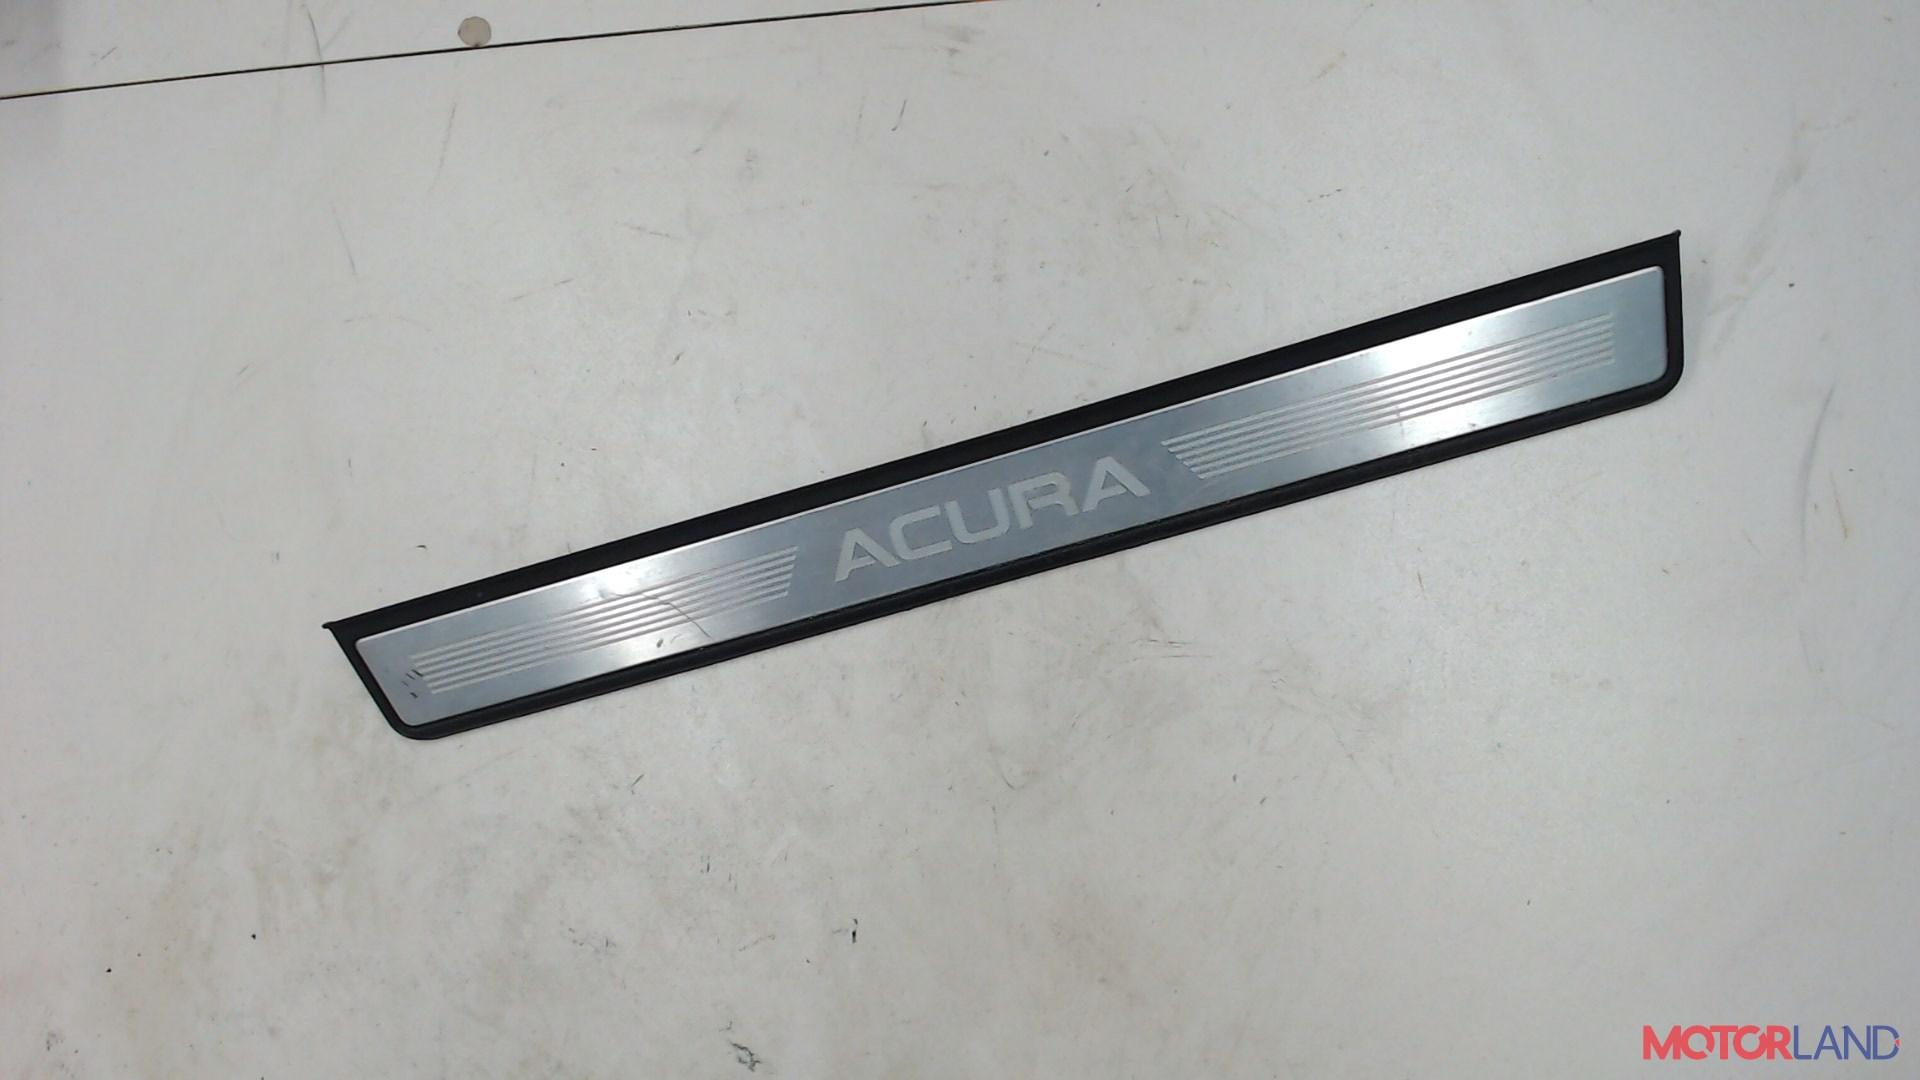 Накладка декоративная (на порог) Acura TL 2003-2008, Артикул 473965 #1